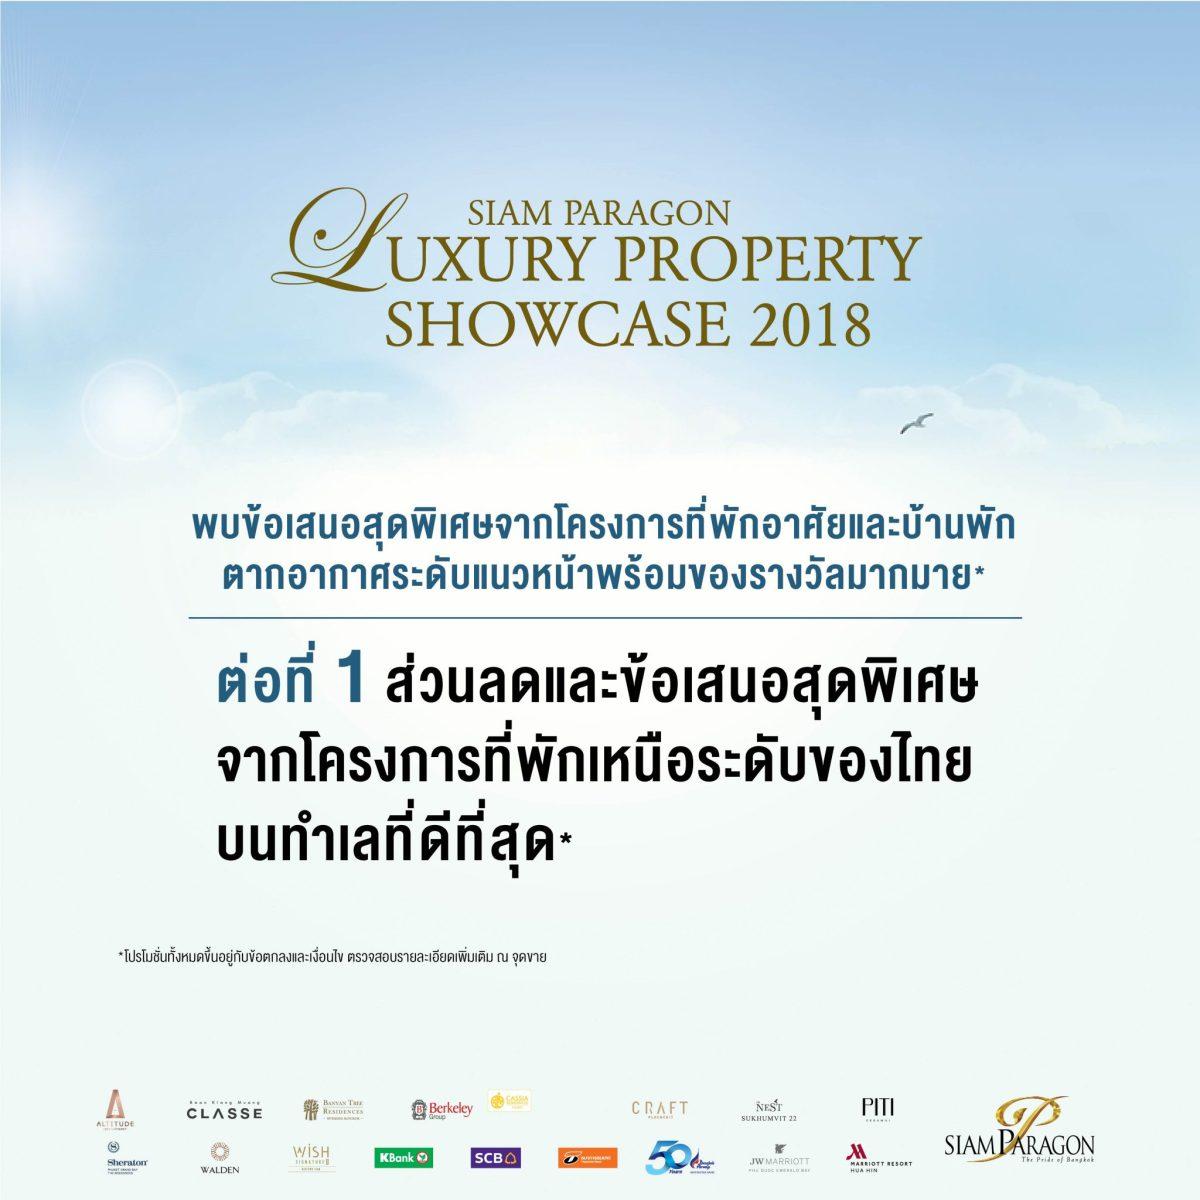 เดินงาน Siam Paragon Luxury Property Showcase 2018 สำรวจสุดยอดข้อเสนอโครงการระดับมาสเตอร์พีช 48 - AP (Thailand) - เอพี (ไทยแลนด์)